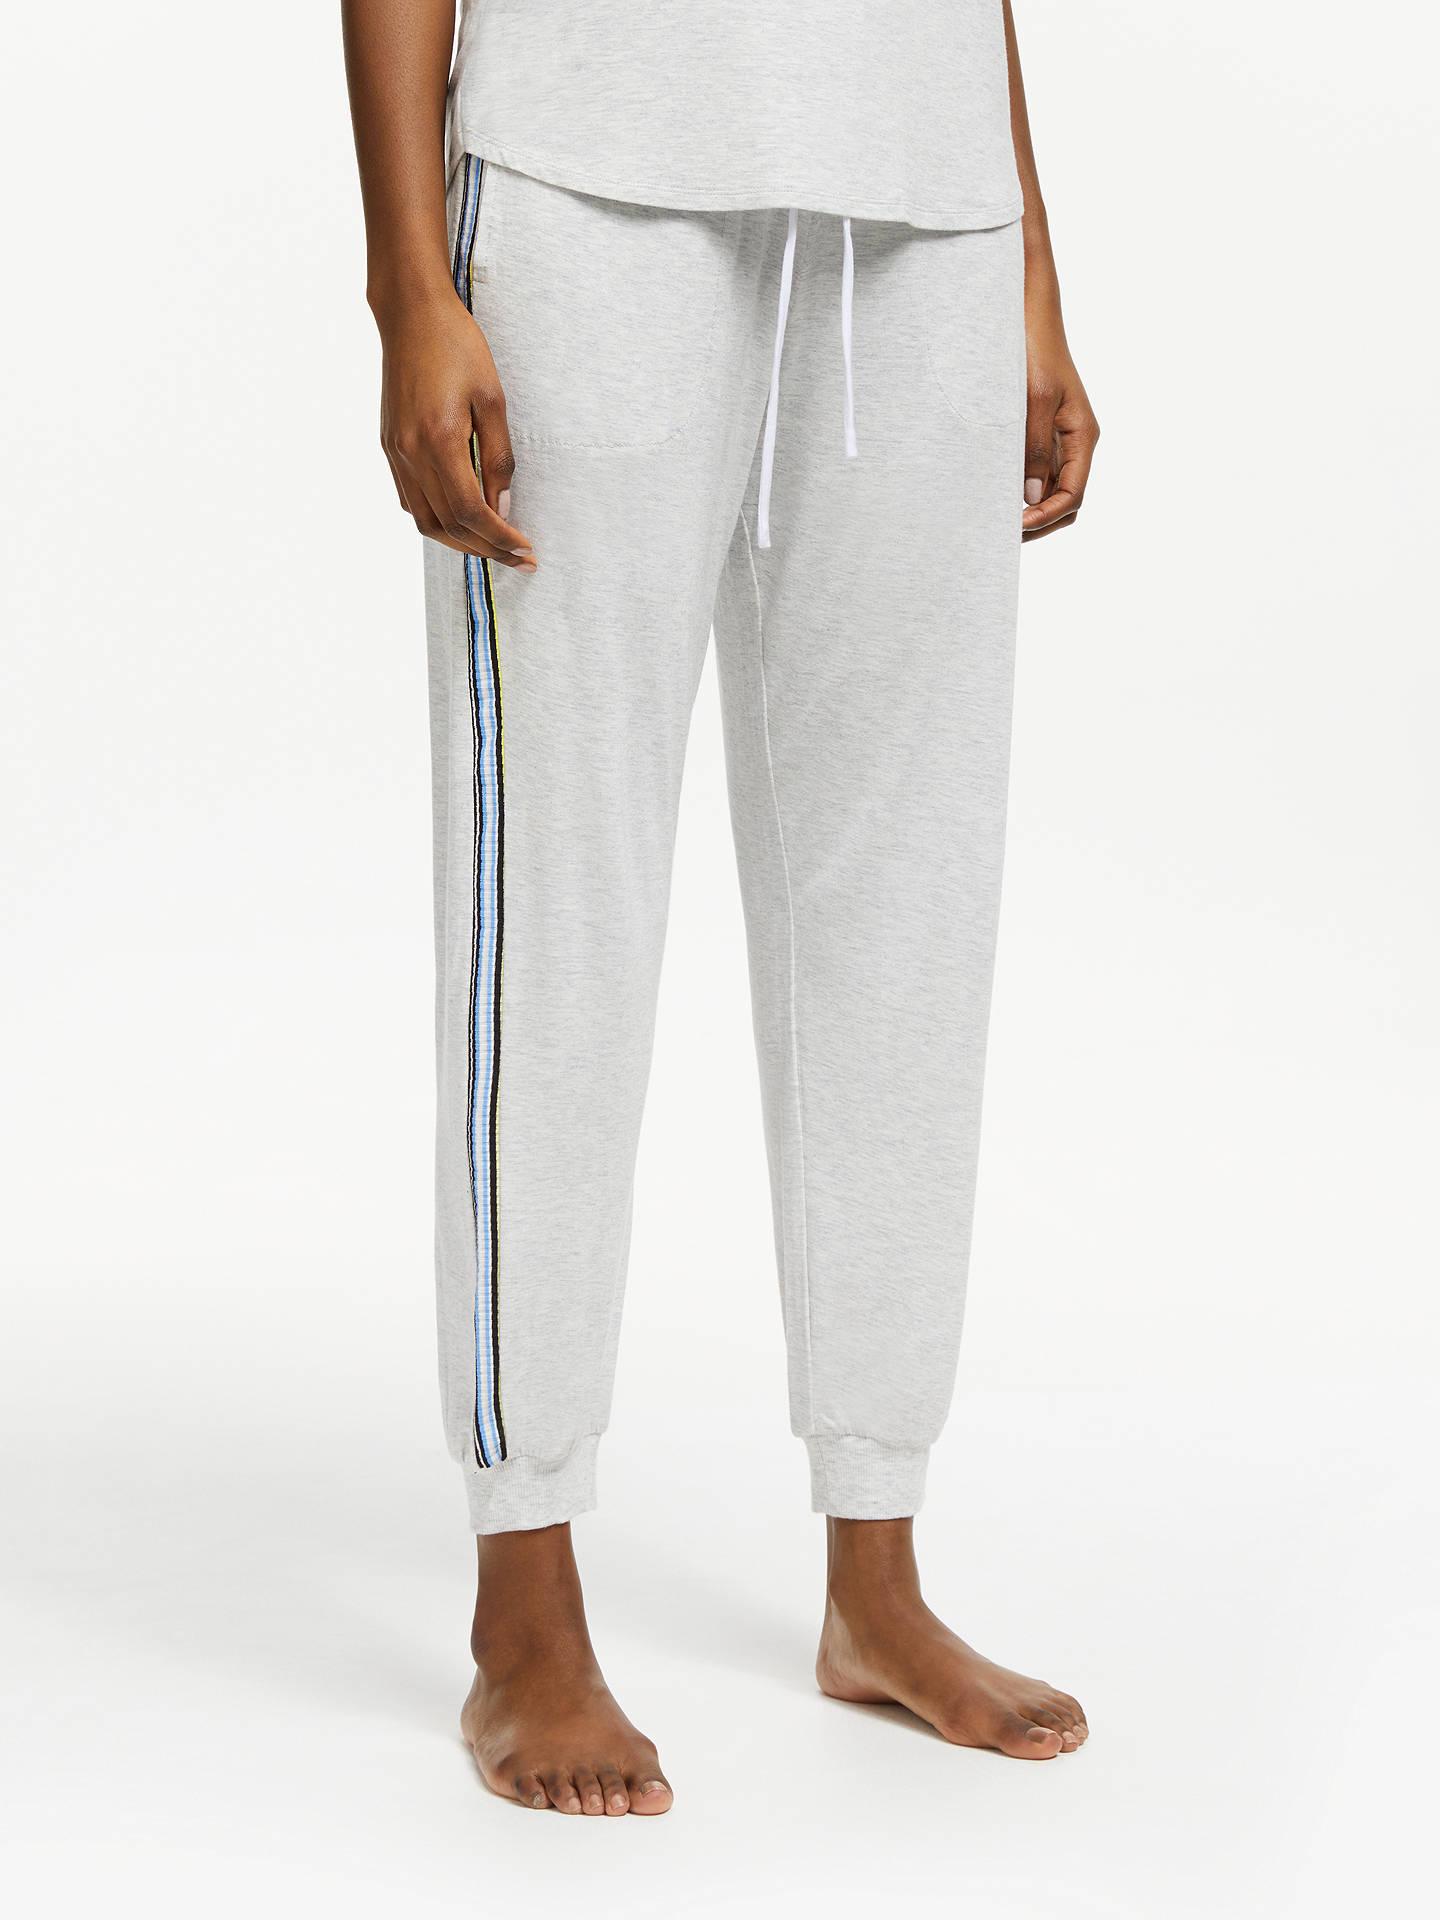 BuyDKNY Earn Your Stripes Sweat Pyjama Bottoms b98055493